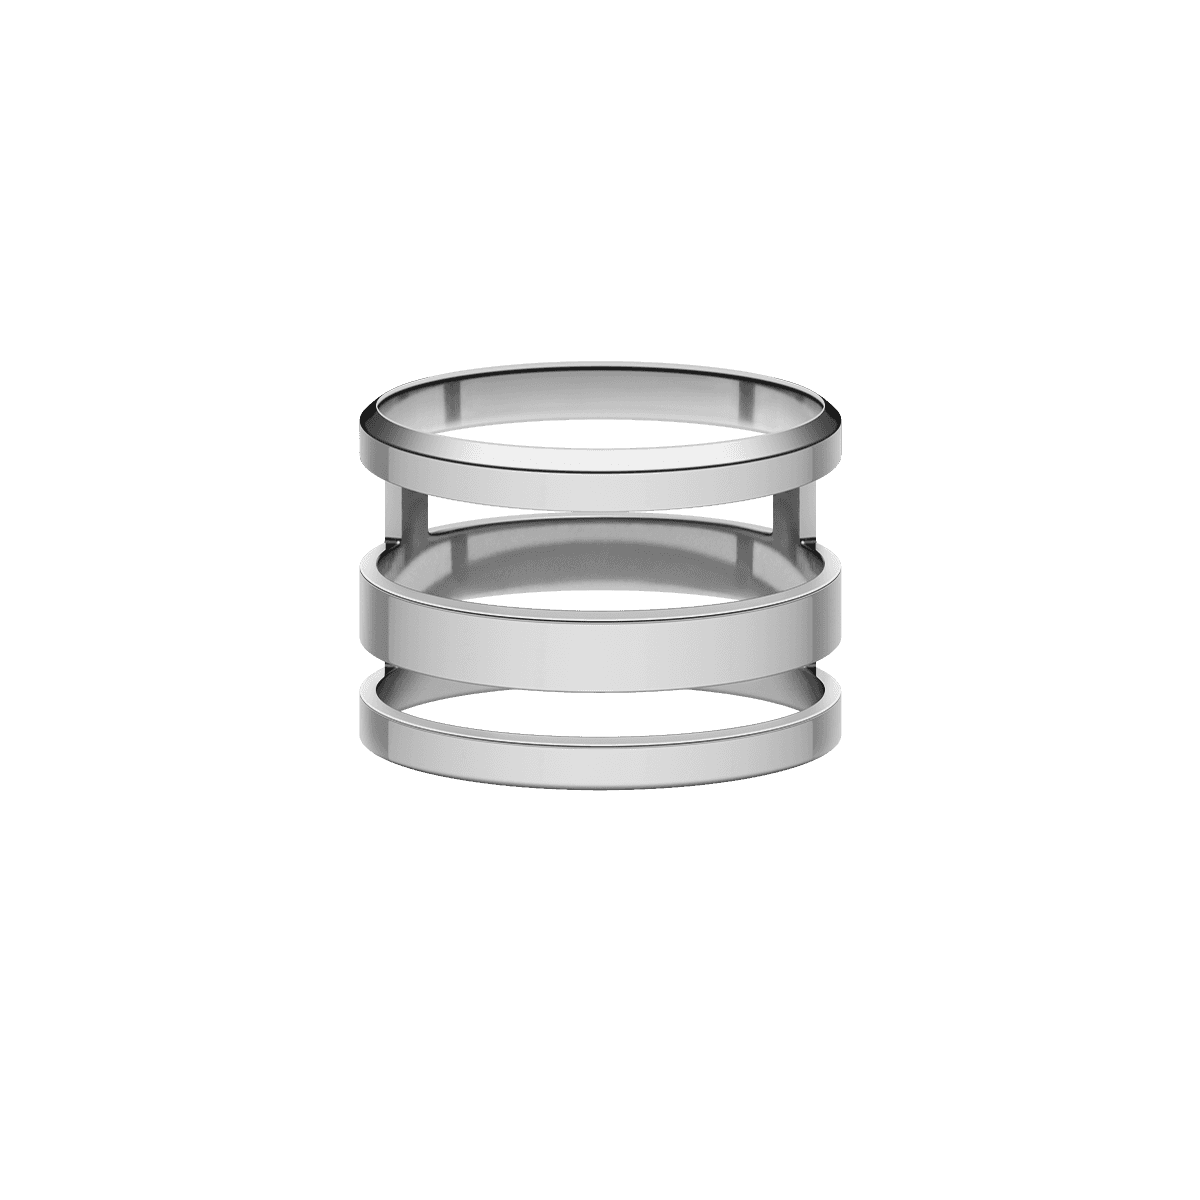 Elan Triad Ring Silver 48